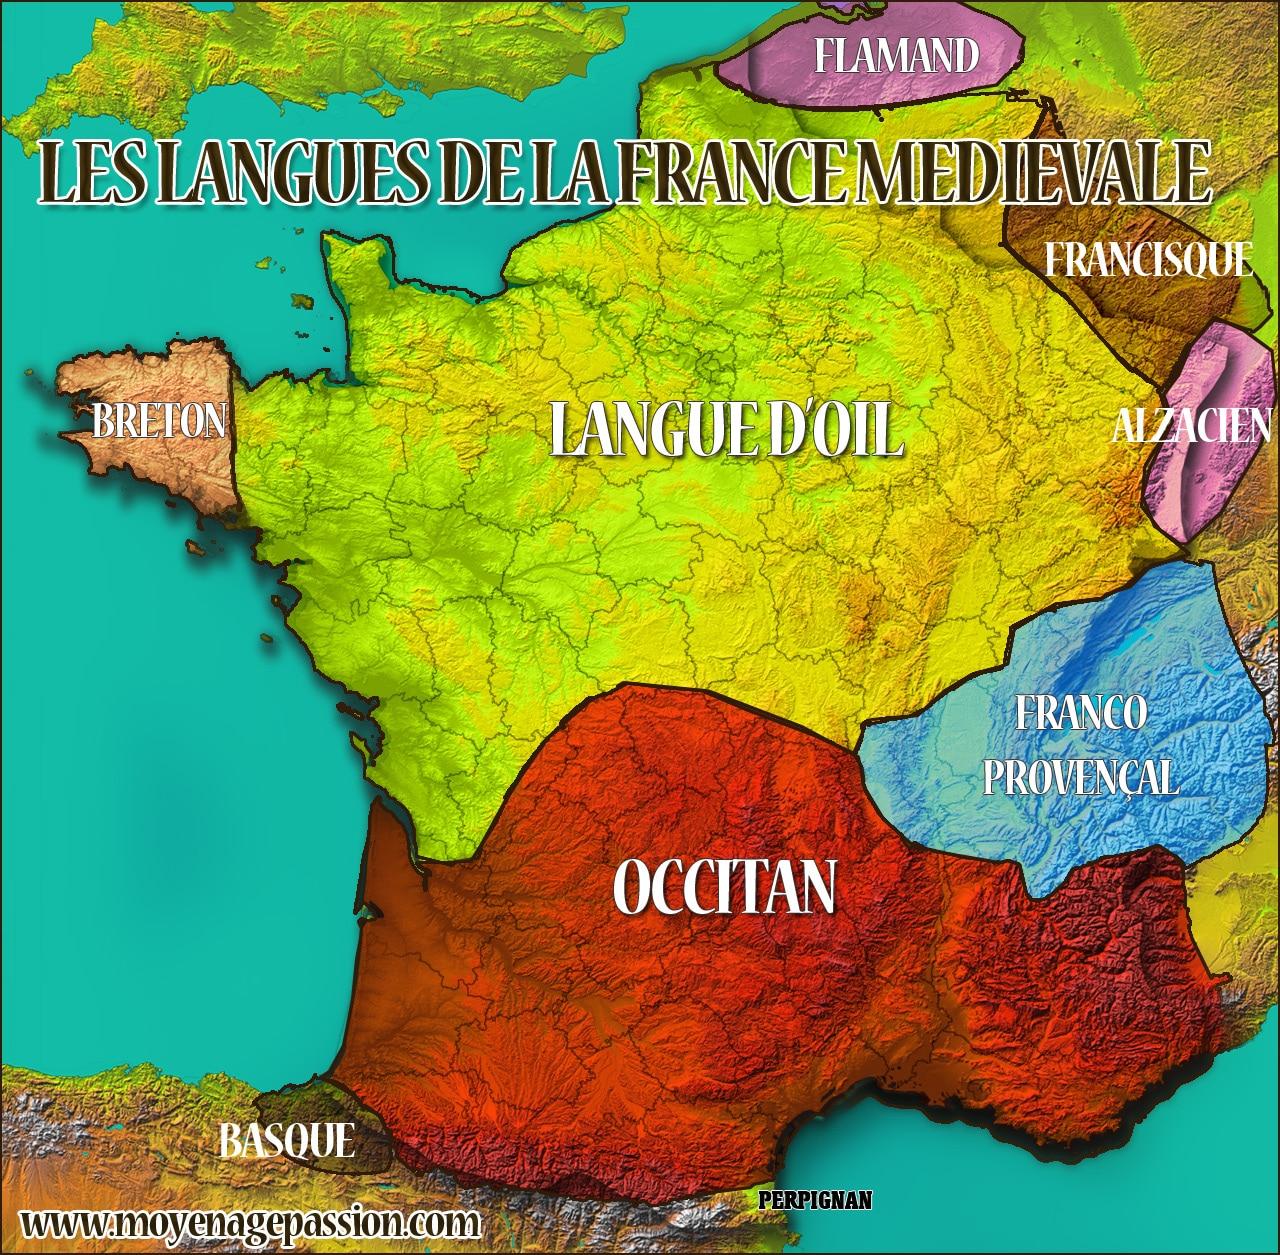 carte_occitan_langue_france_medievale_oil_oc_moyen-age_central